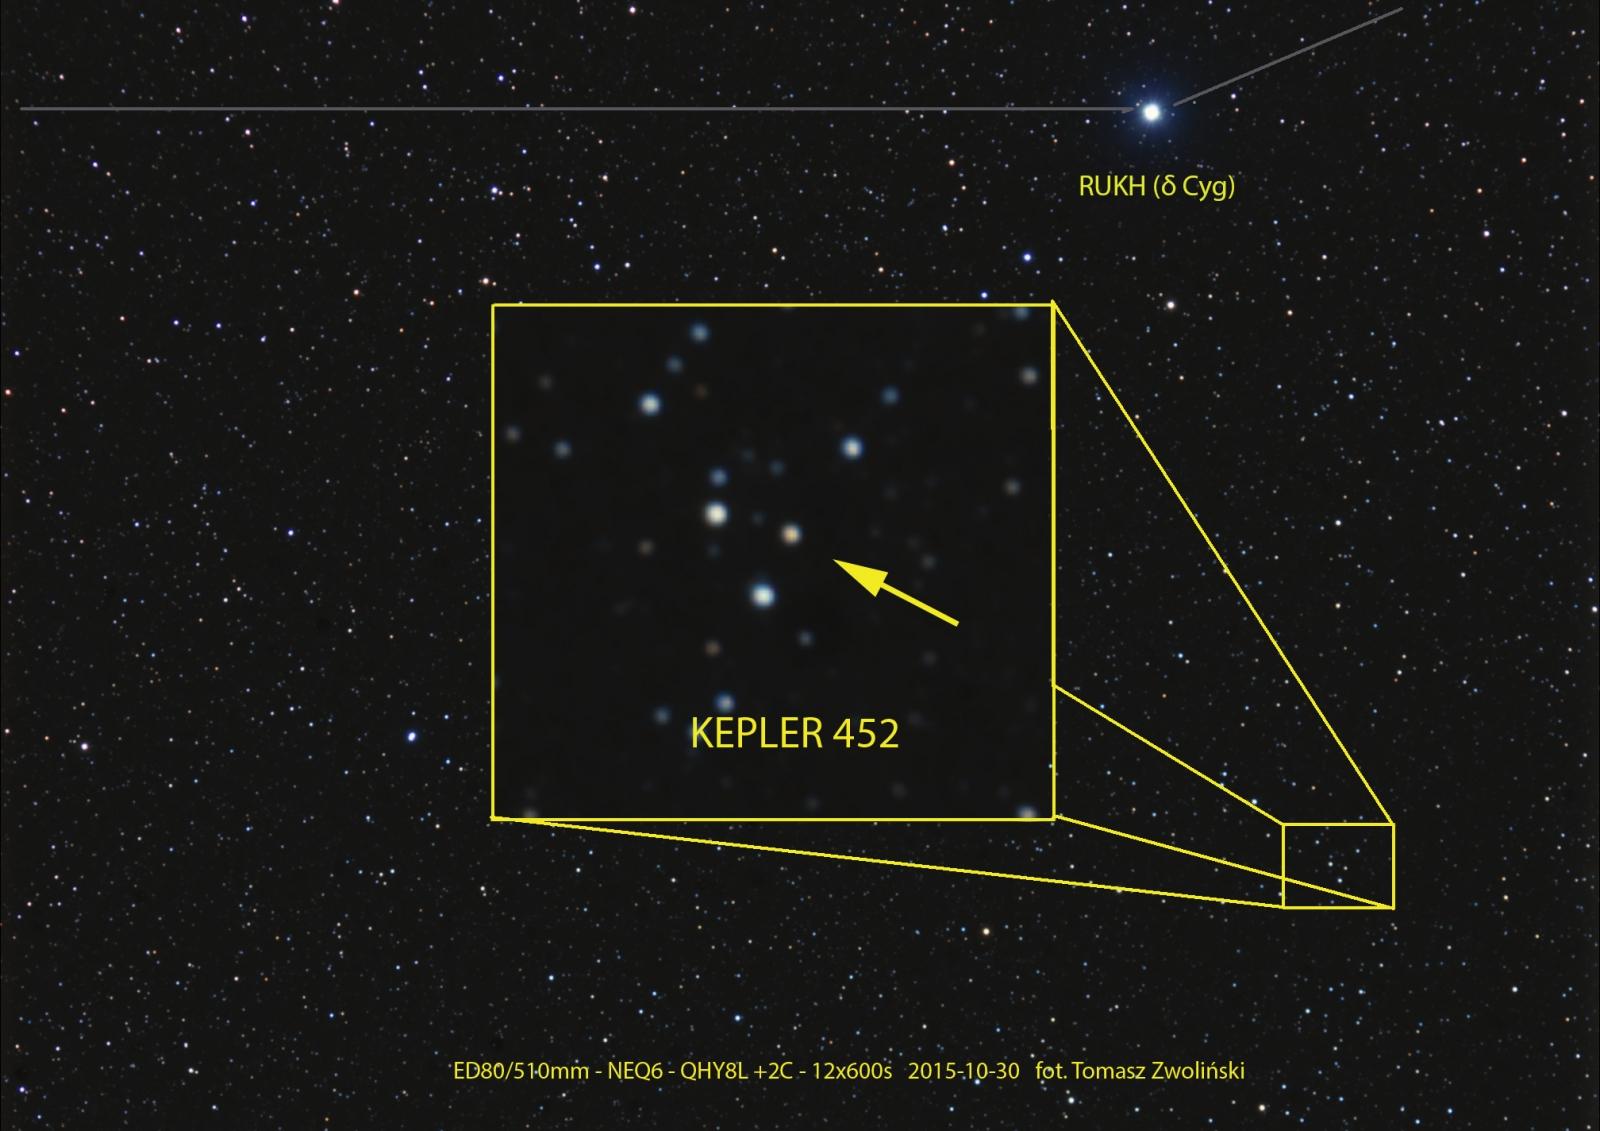 KEPLER452